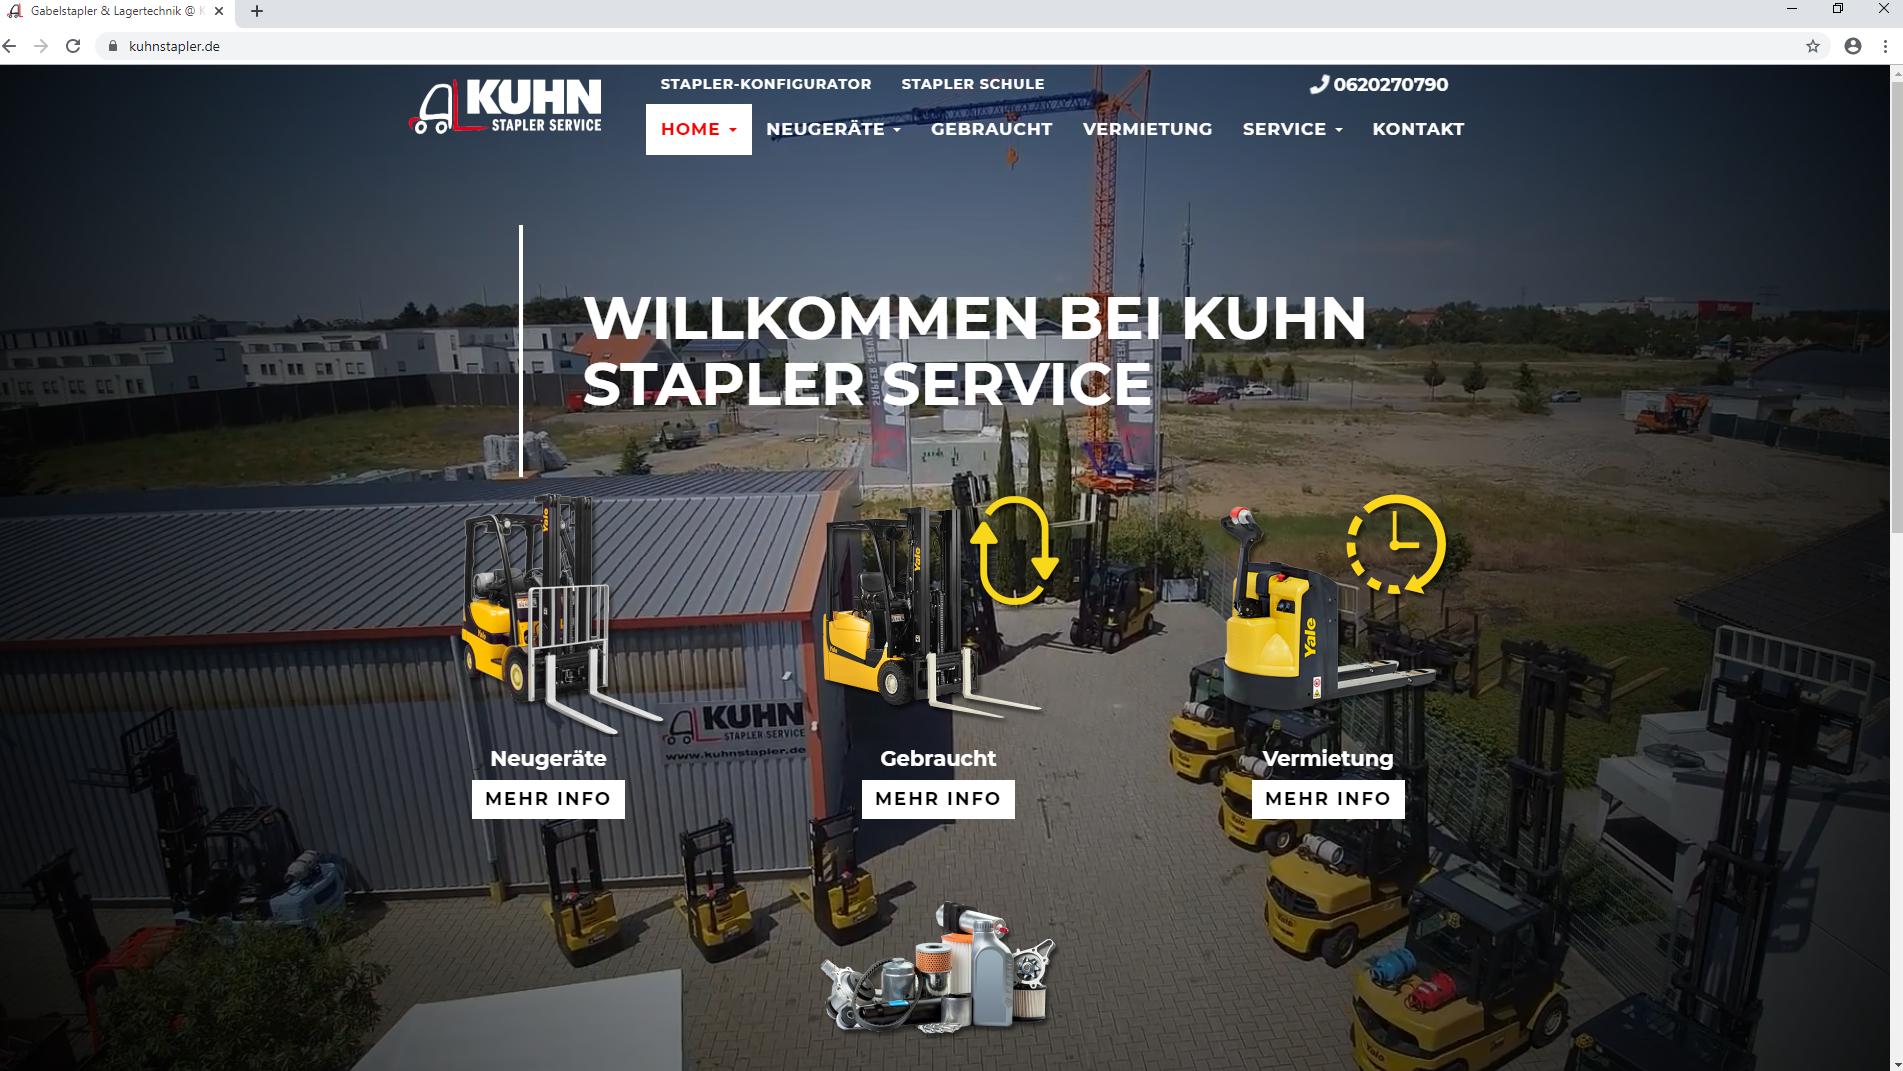 Kuhn Stapler Service e.K.